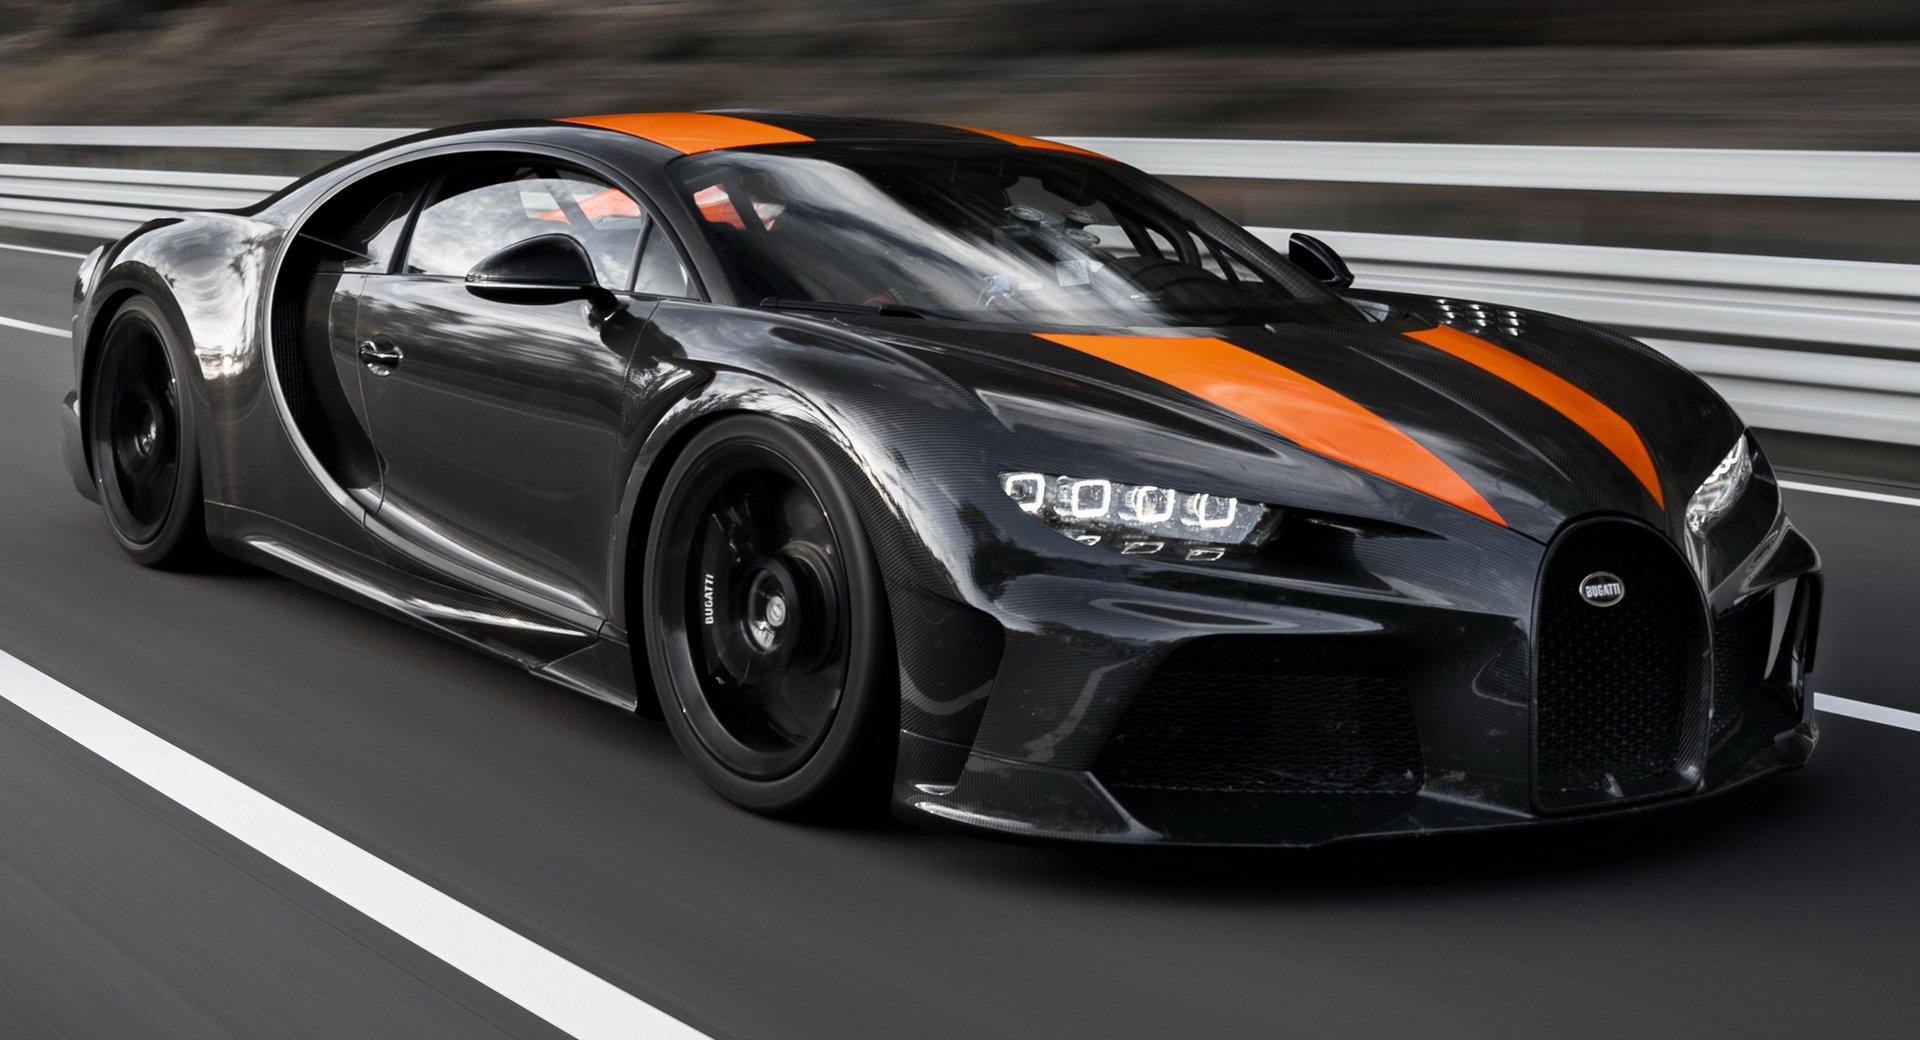 Bugatti confirma que vão aparecer mais versões especiais do Chiron